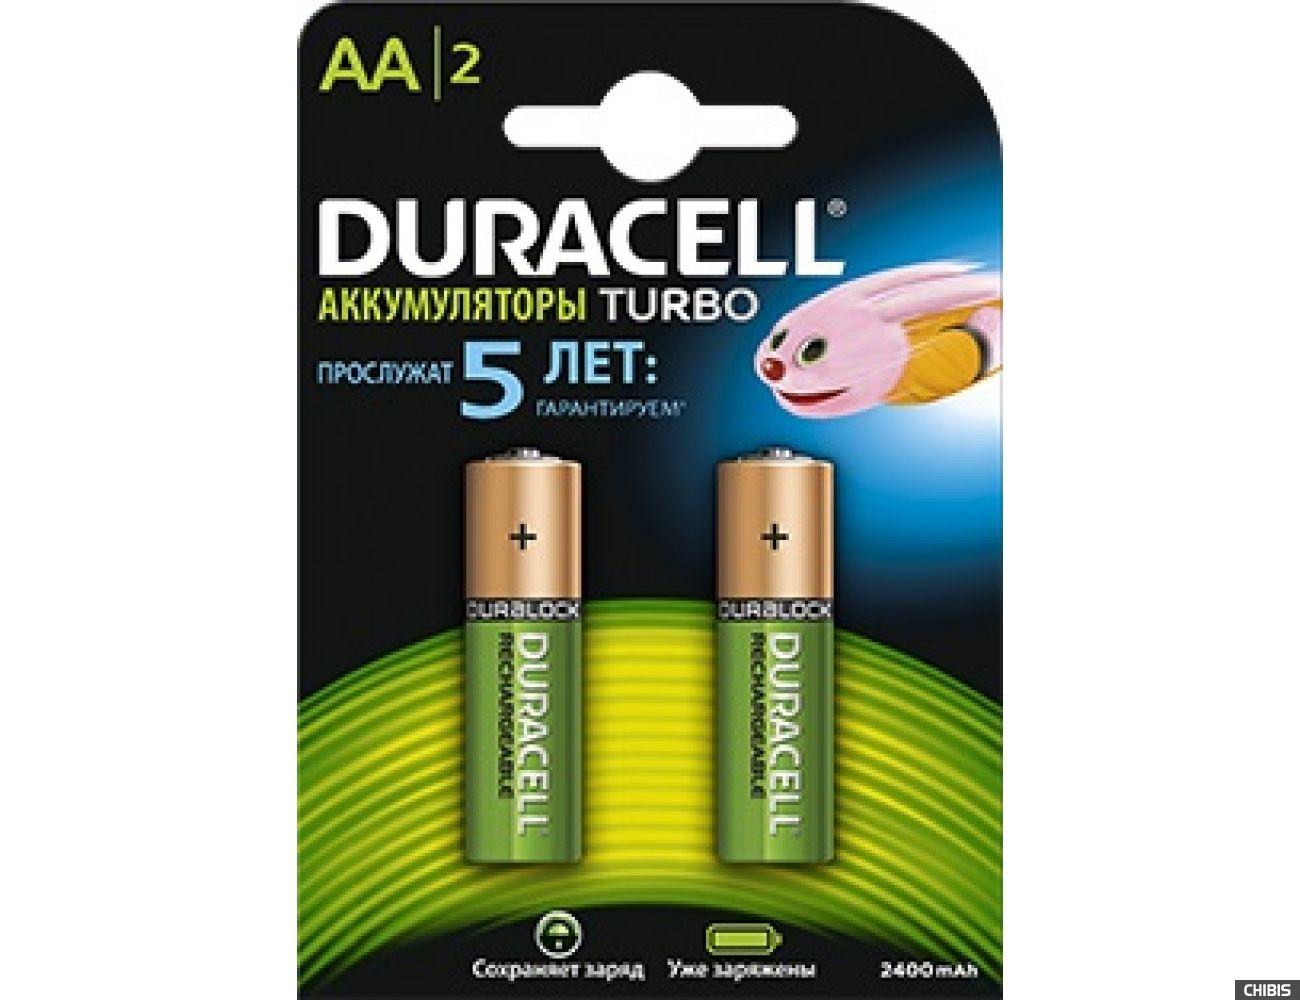 Аккумуляторные батарейки АА Duracell 2400 mAh Turbo HR6, Ni-Mh, 1.2V 2/2 шт. 5000394057128